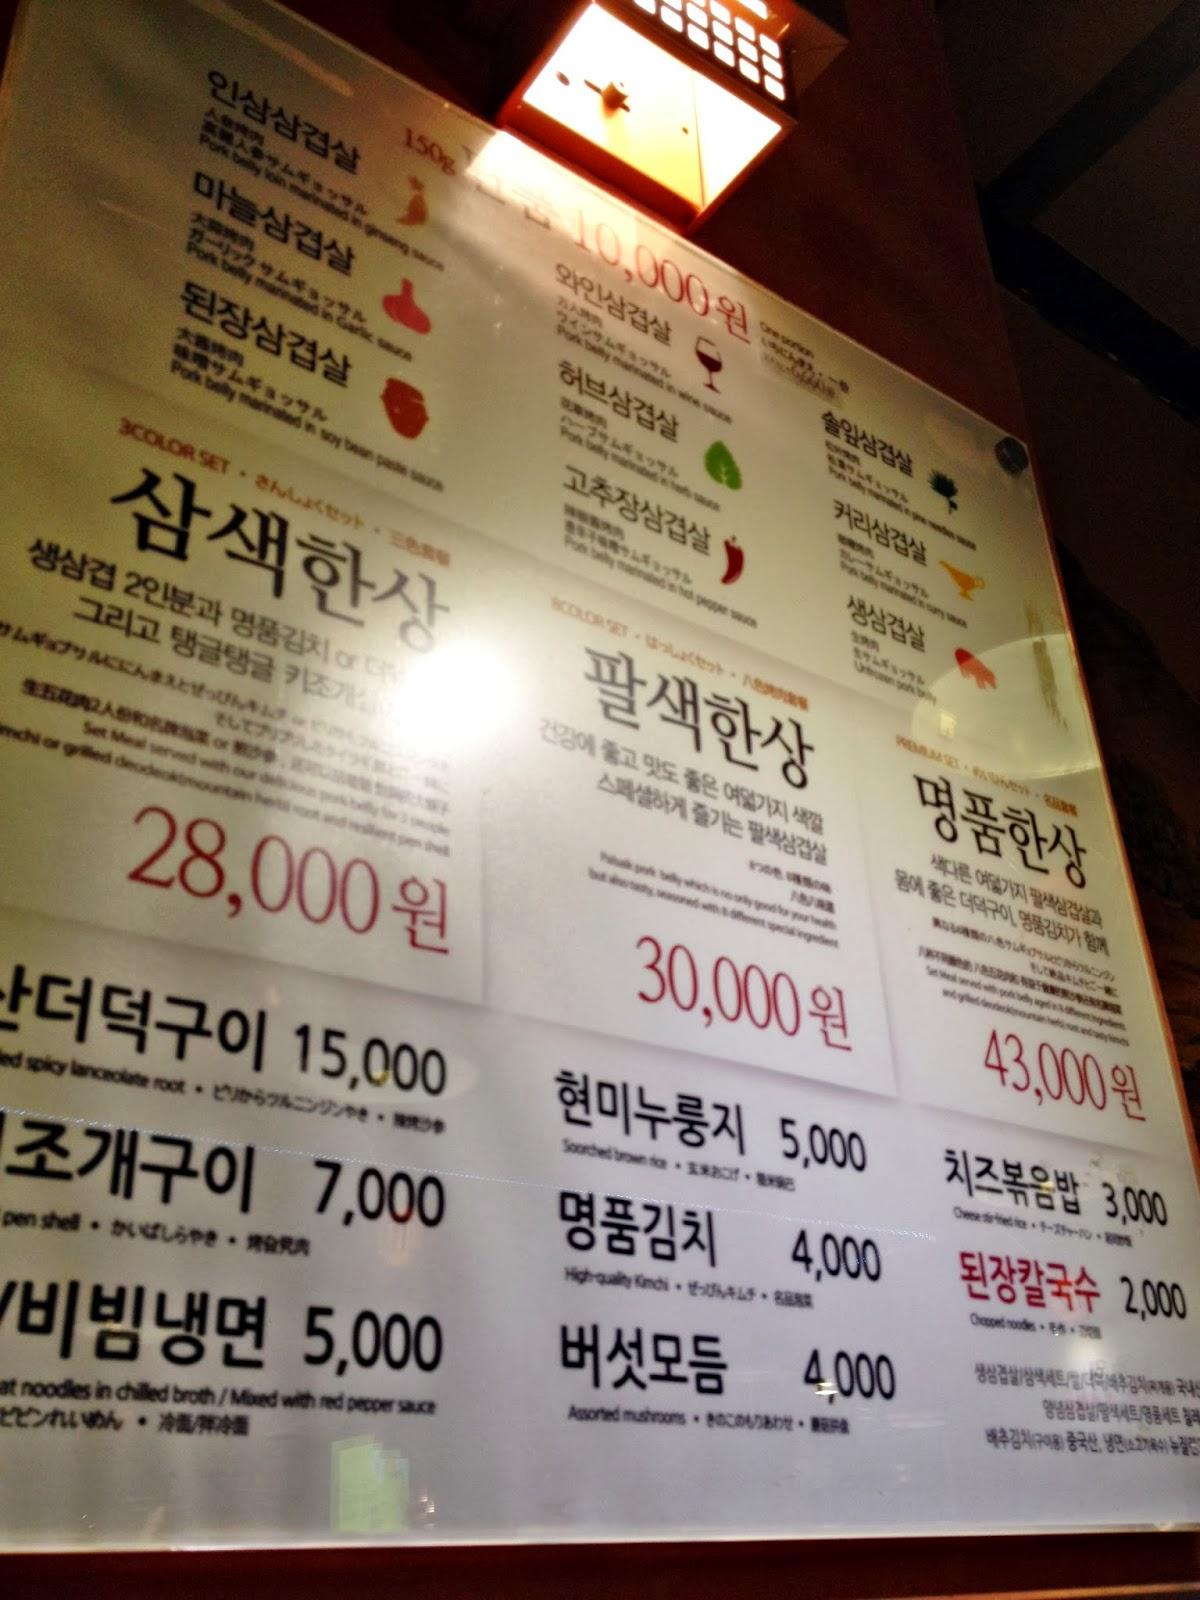 Seoul Palsaek Samgyupsal (팔색삼겹살) BBQ | meheartseoul.blogspot.com